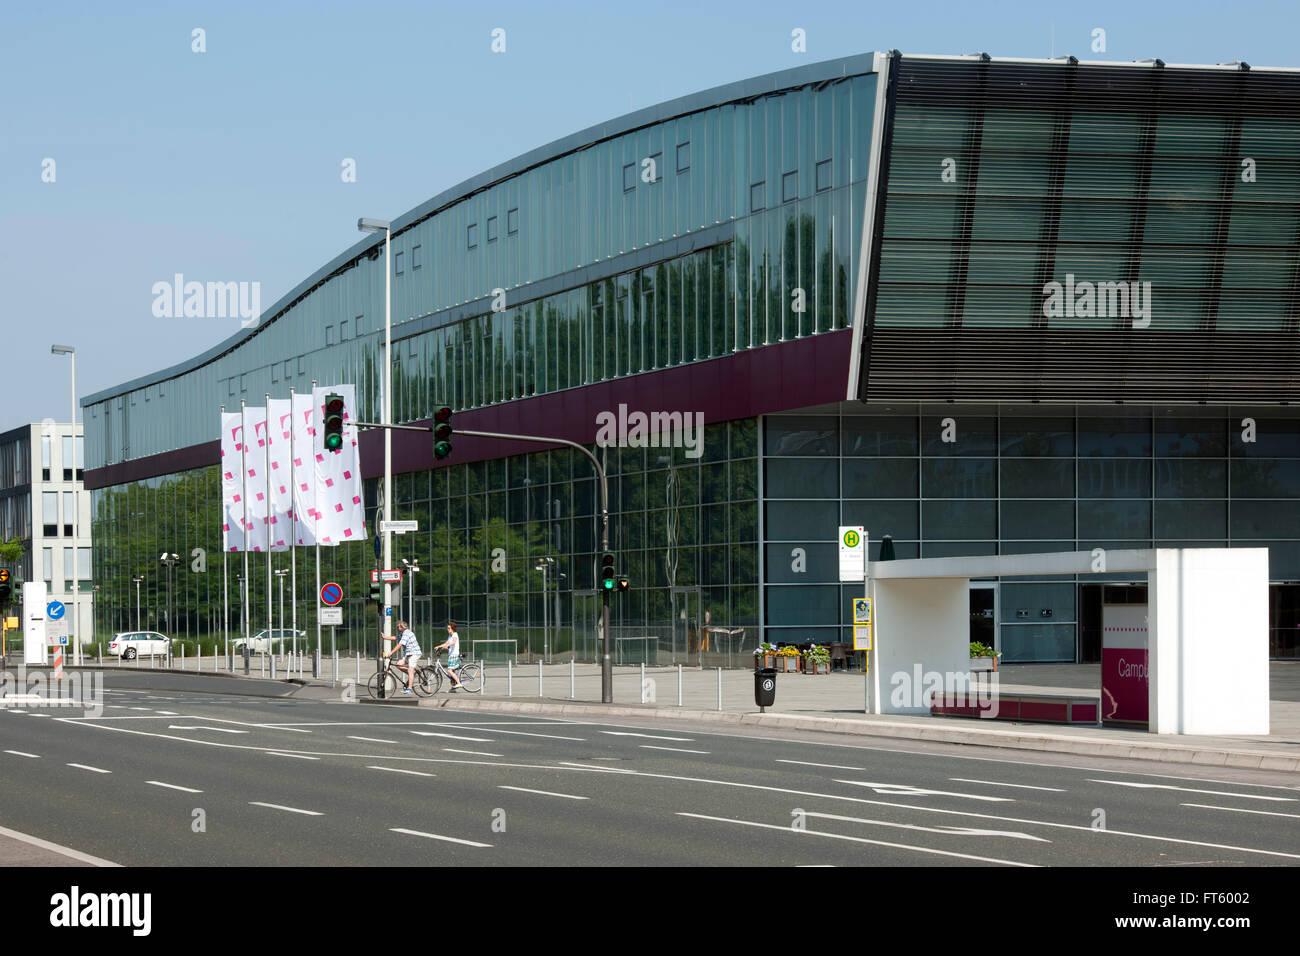 Deutschland, Nordrhein-Westfalen, Bonn, T-Mobile Headquarter - Stock Image